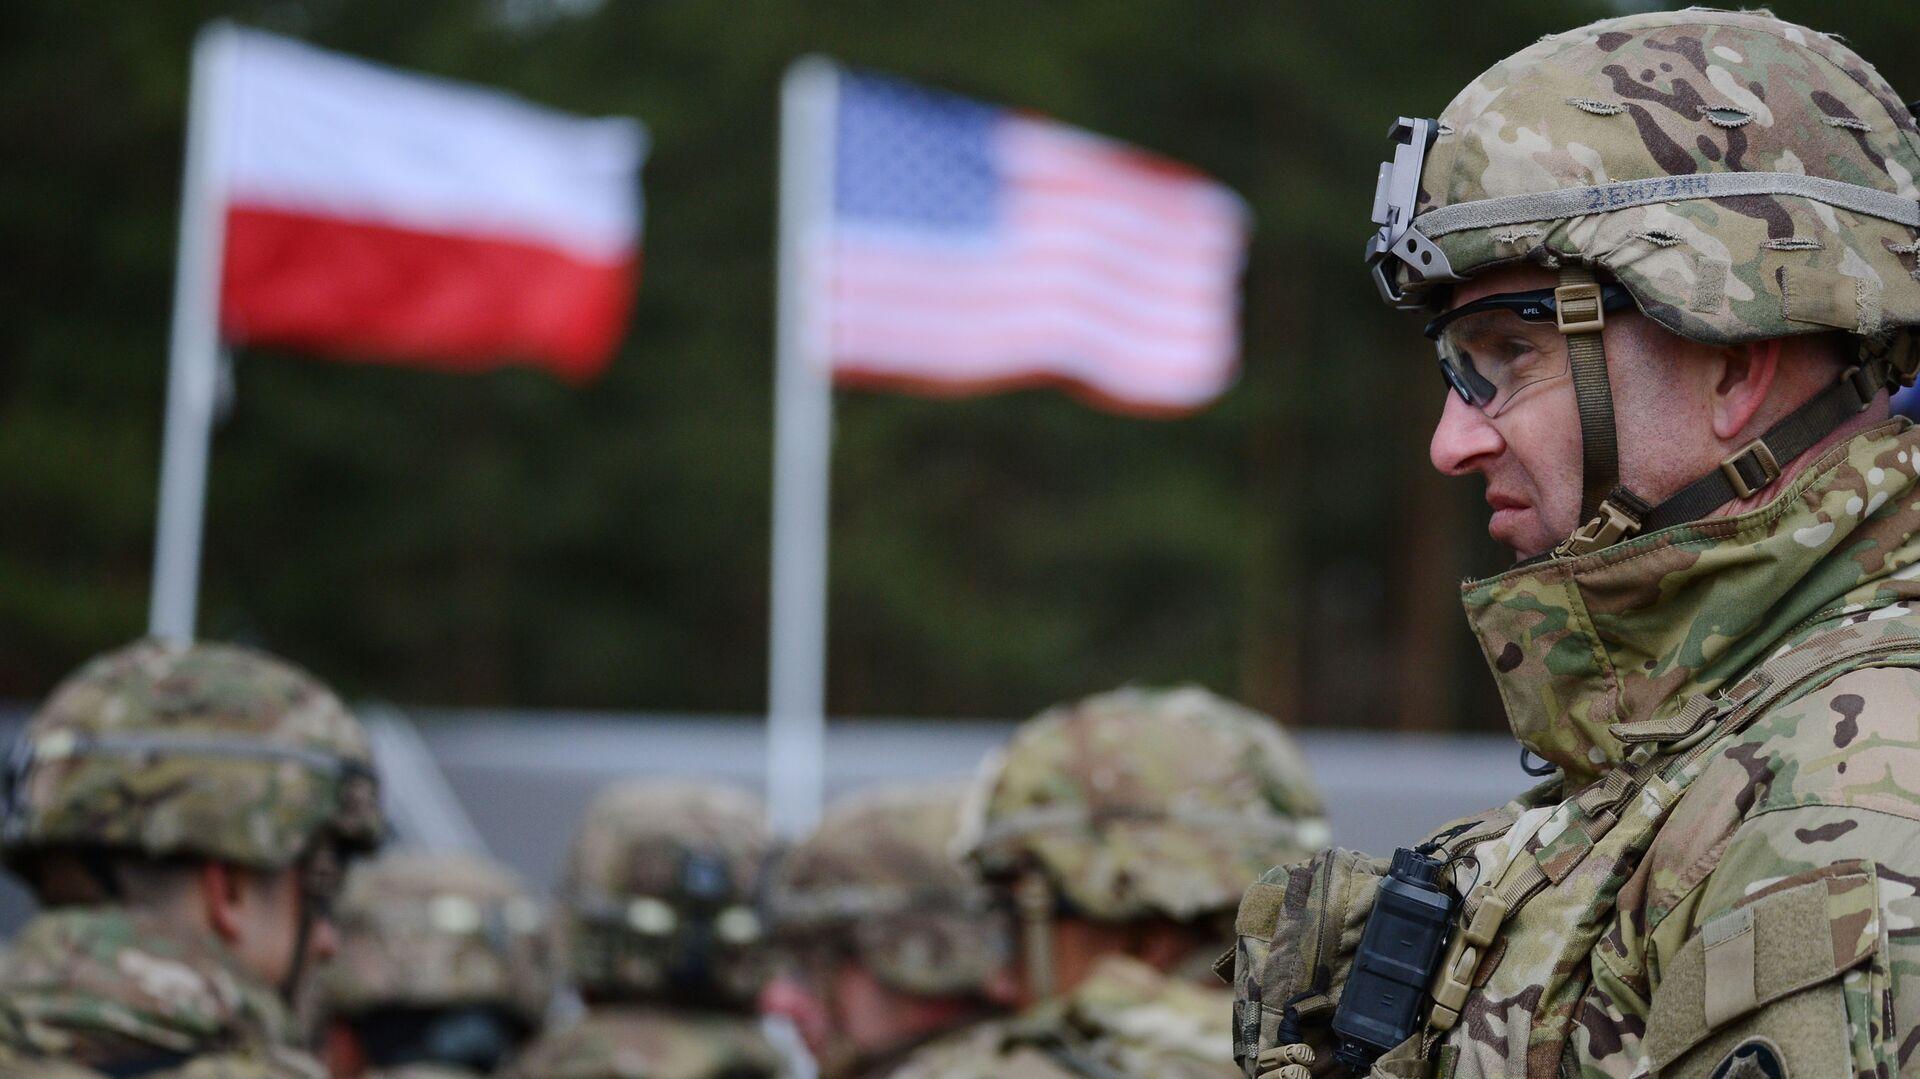 Церемония приветствия многонационального батальона НАТО под руководством США в польском Ожише. - Sputnik Грузия, 1920, 06.10.2021